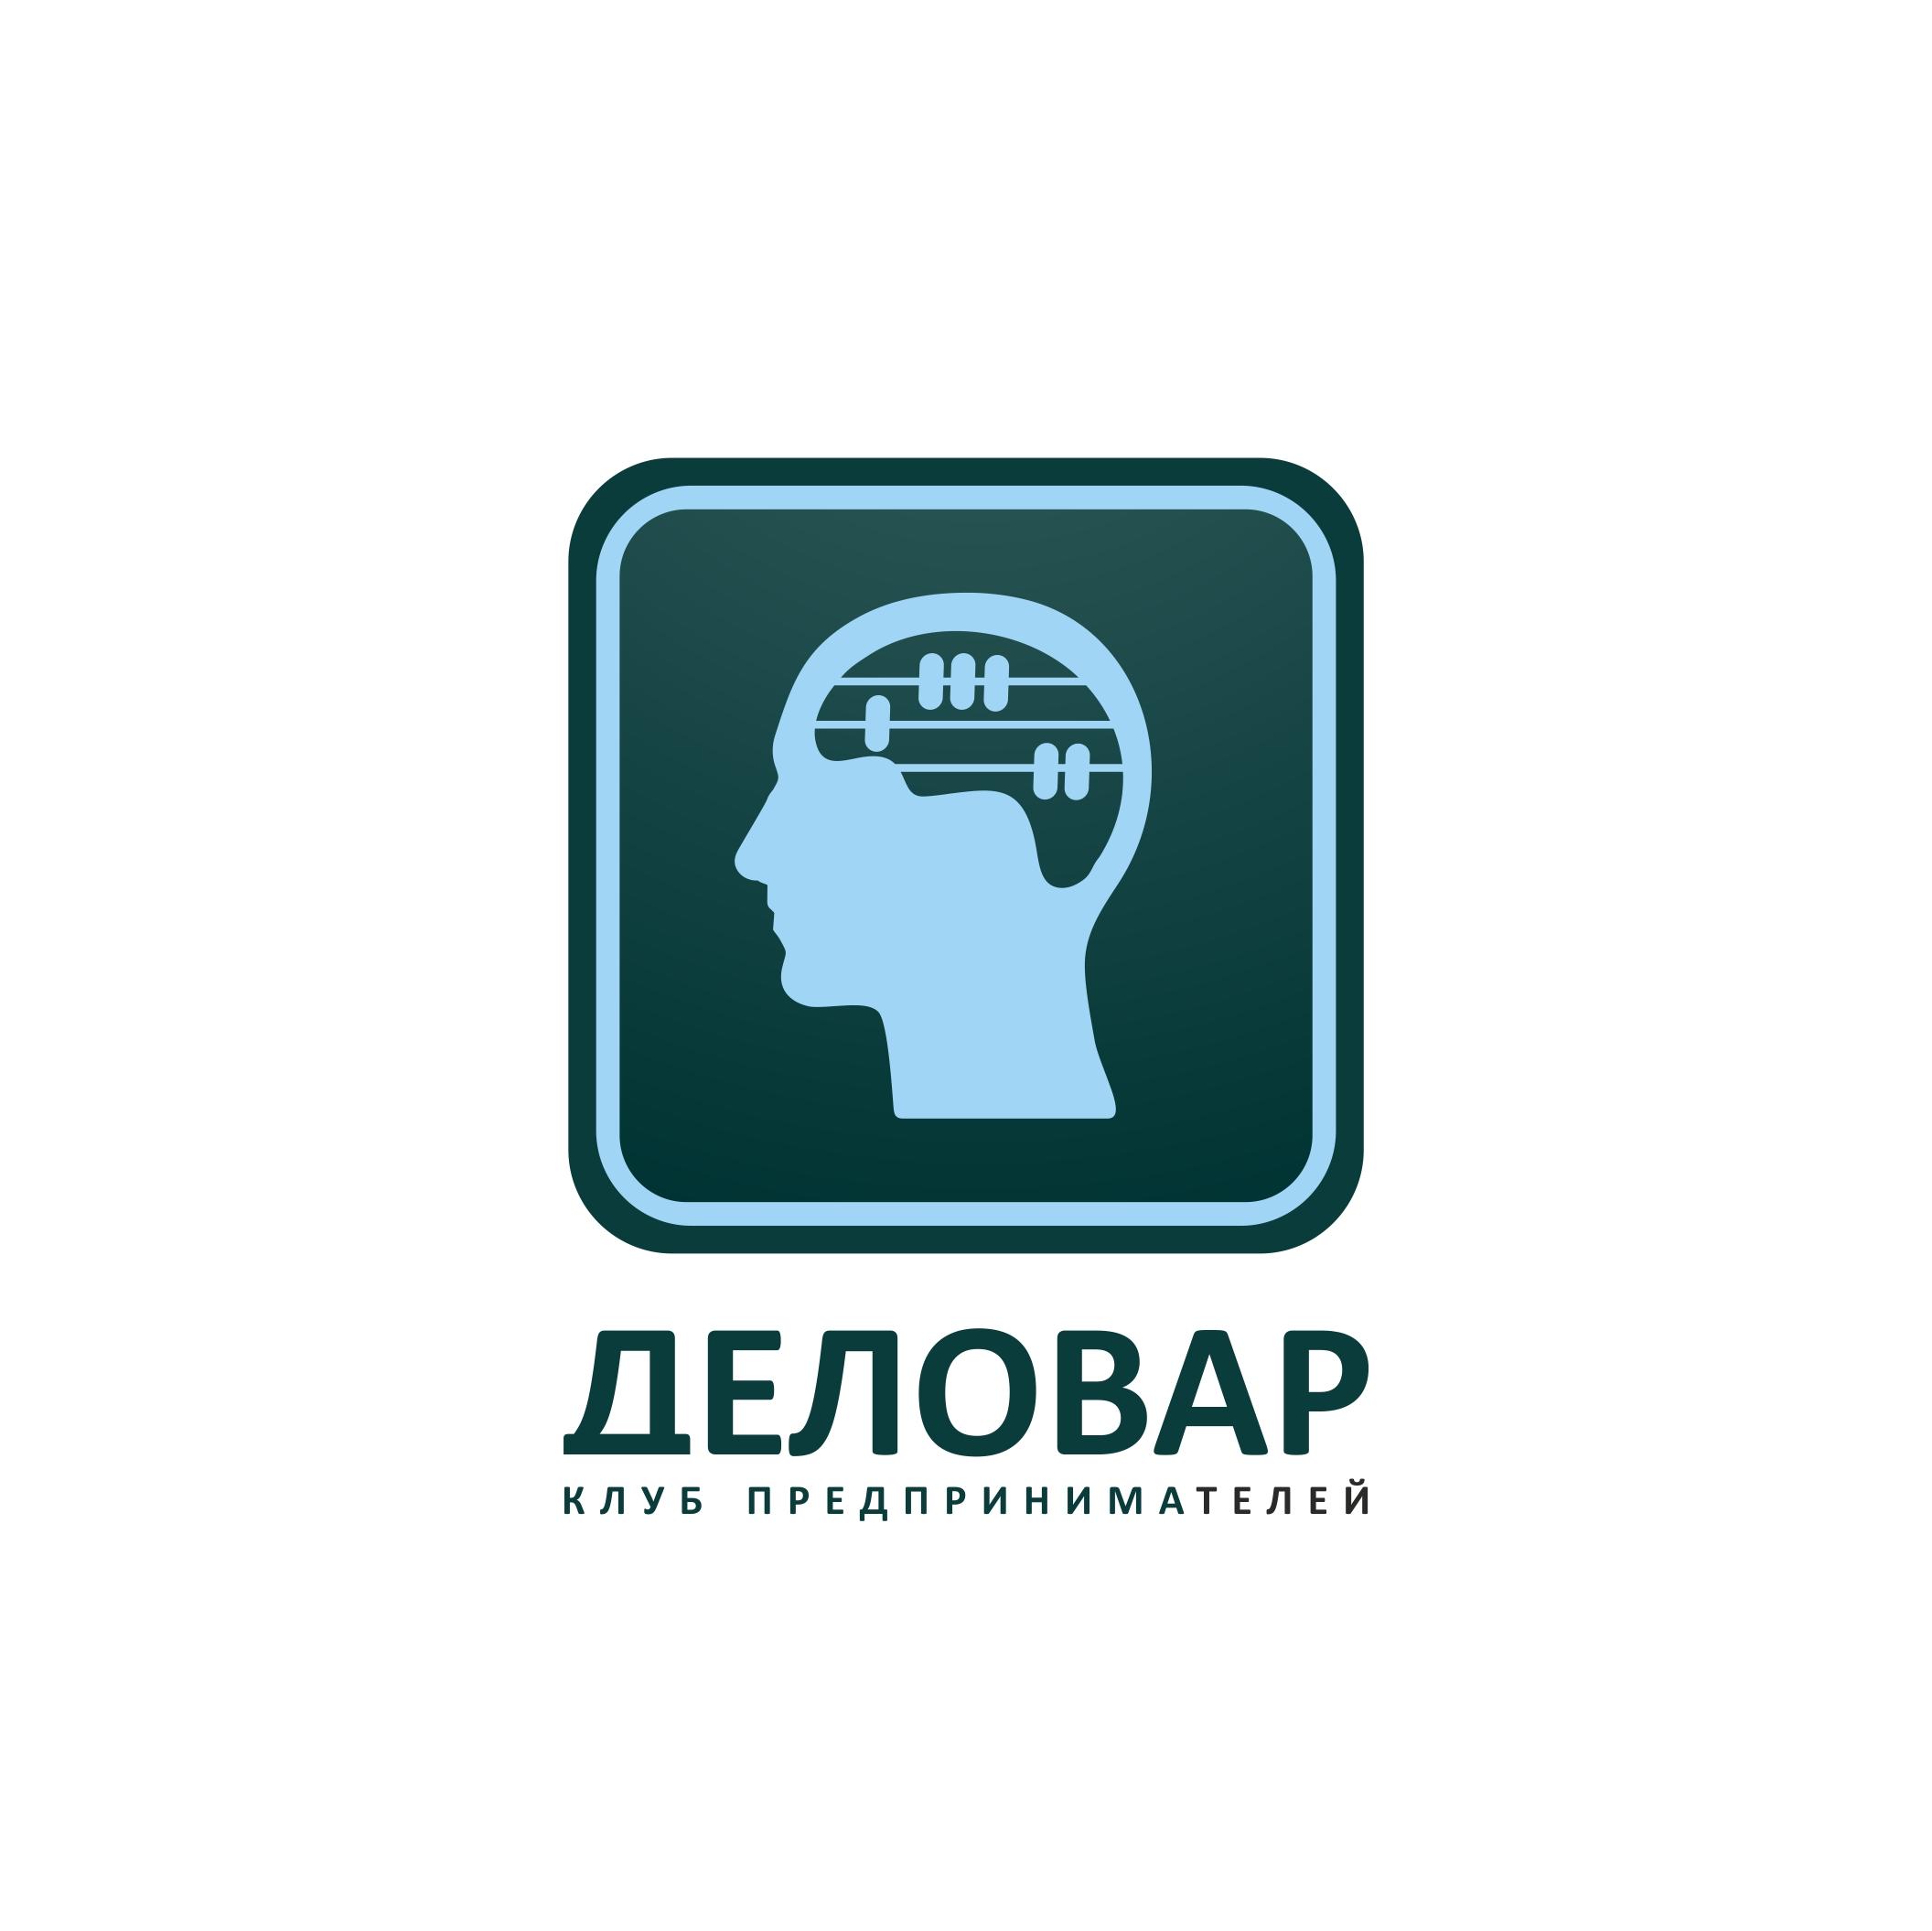 """Логотип и фирм. стиль для Клуба предпринимателей """"Деловар"""" фото f_5048a142b7fab.jpg"""